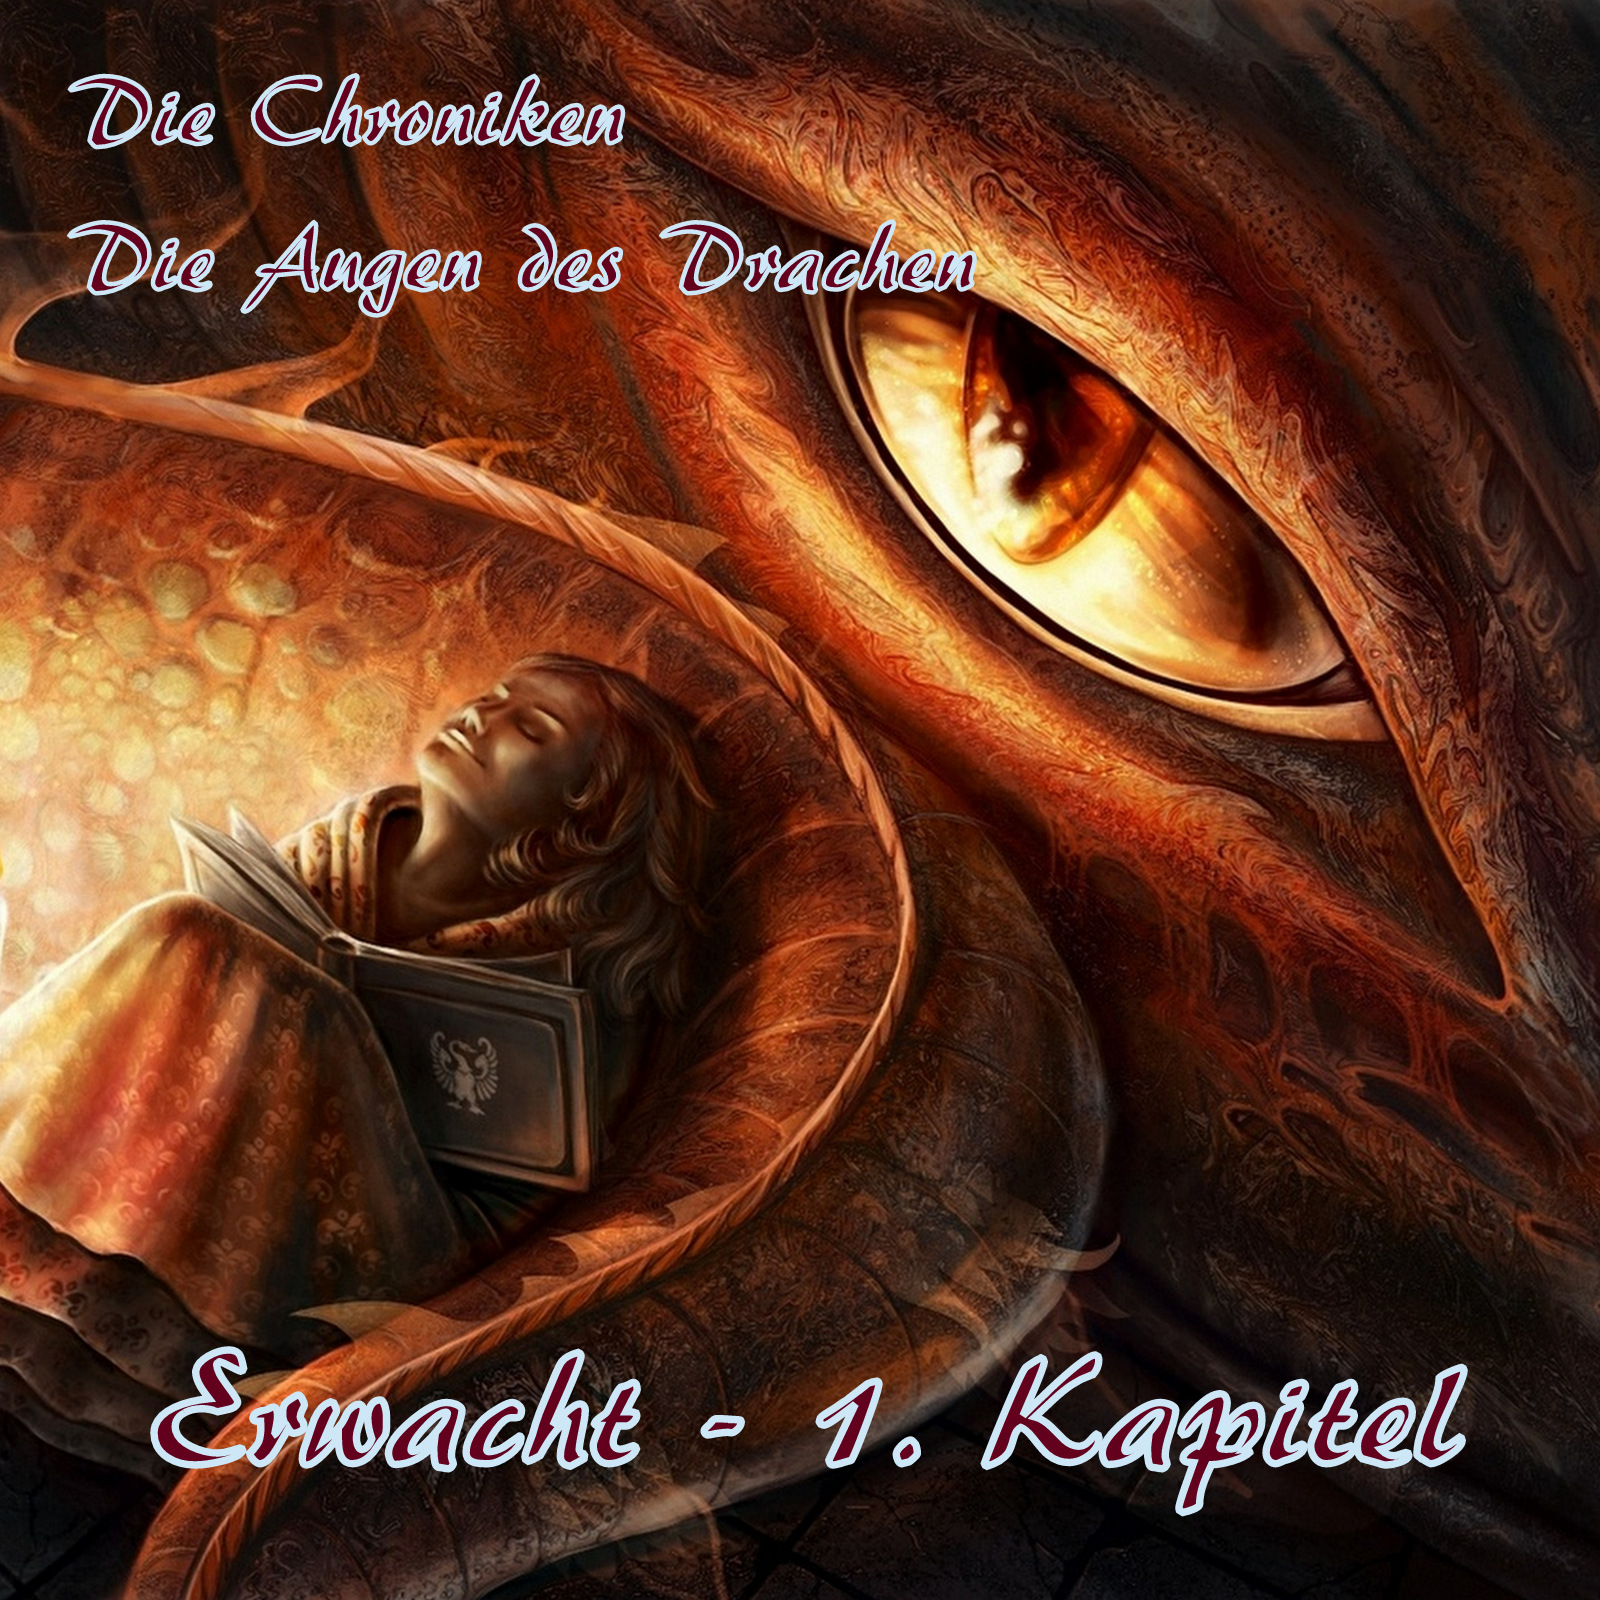 Die Augen des Drachen 02 - Erwacht - 1. Kapitel